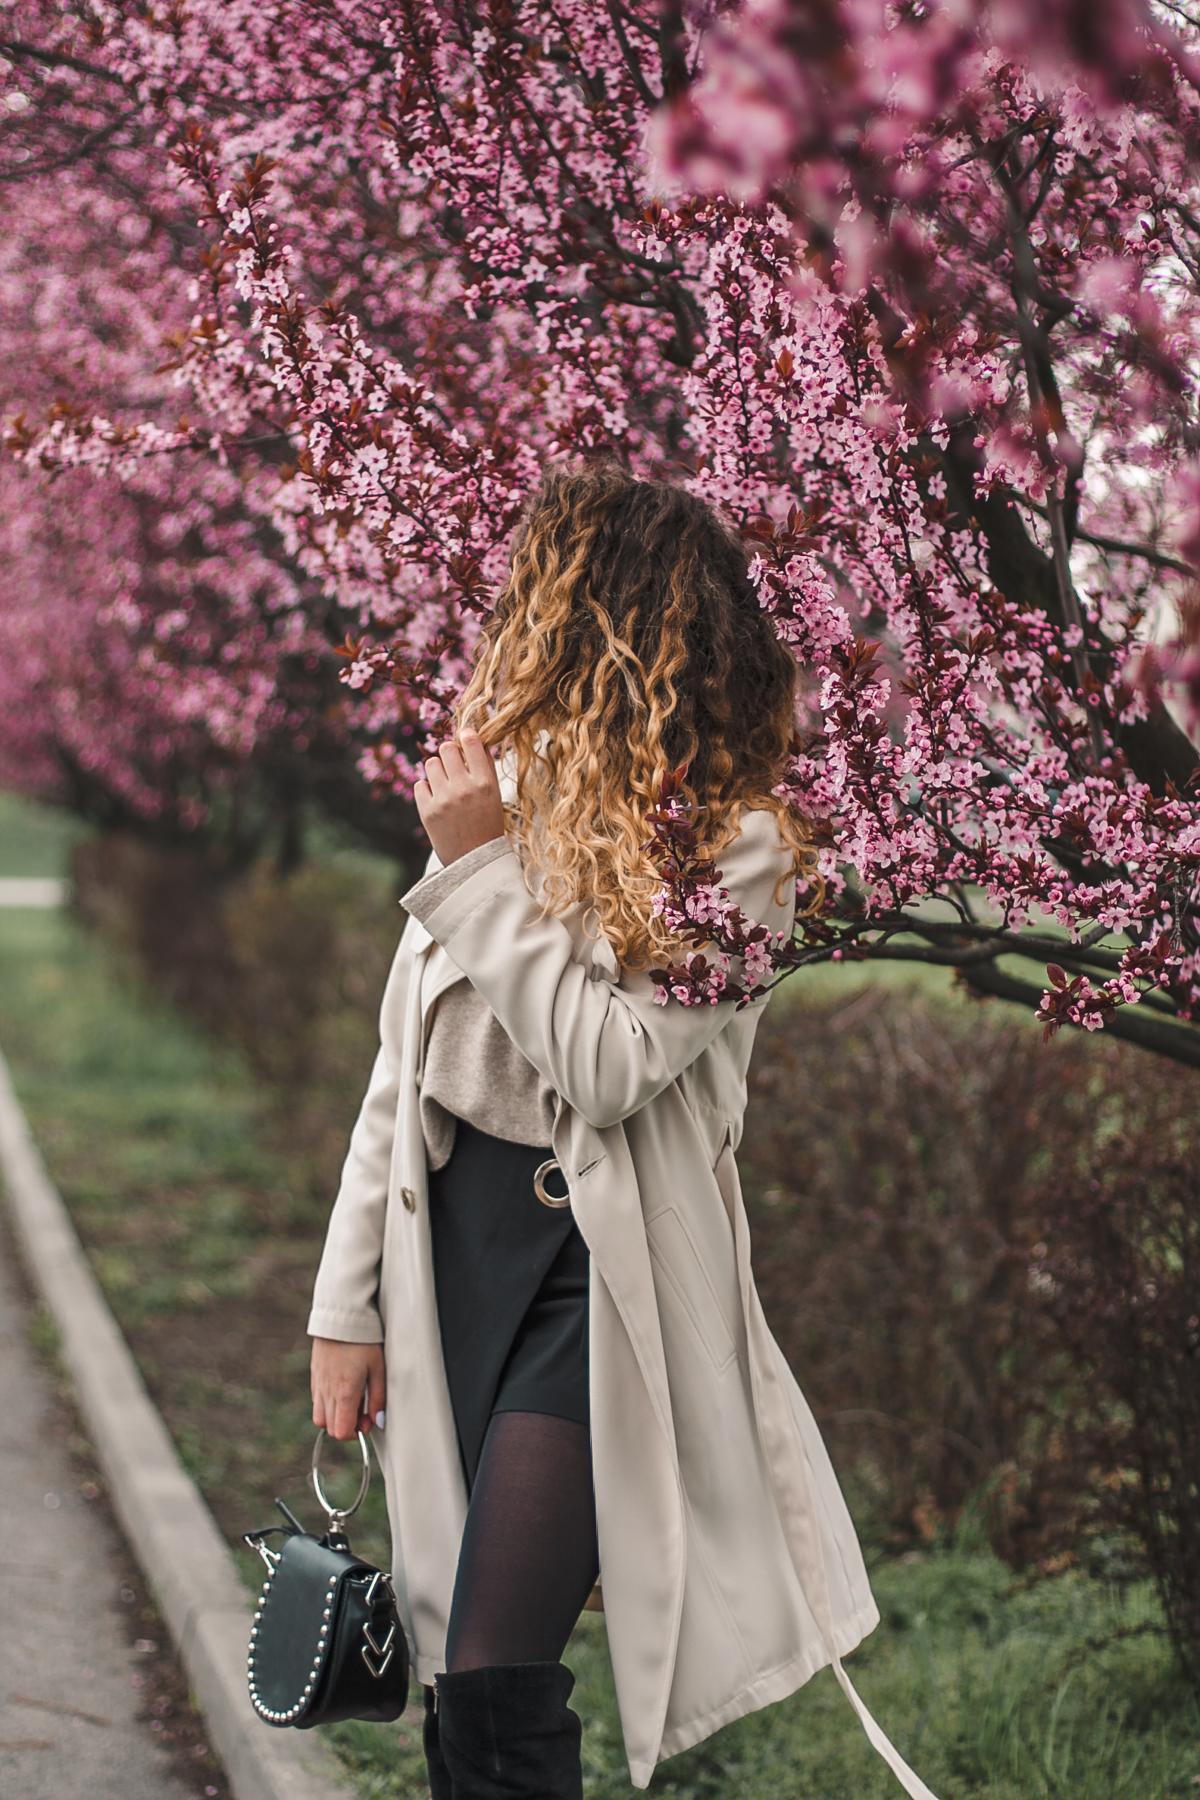 sesja zdjęciowa z różowymi drzewami